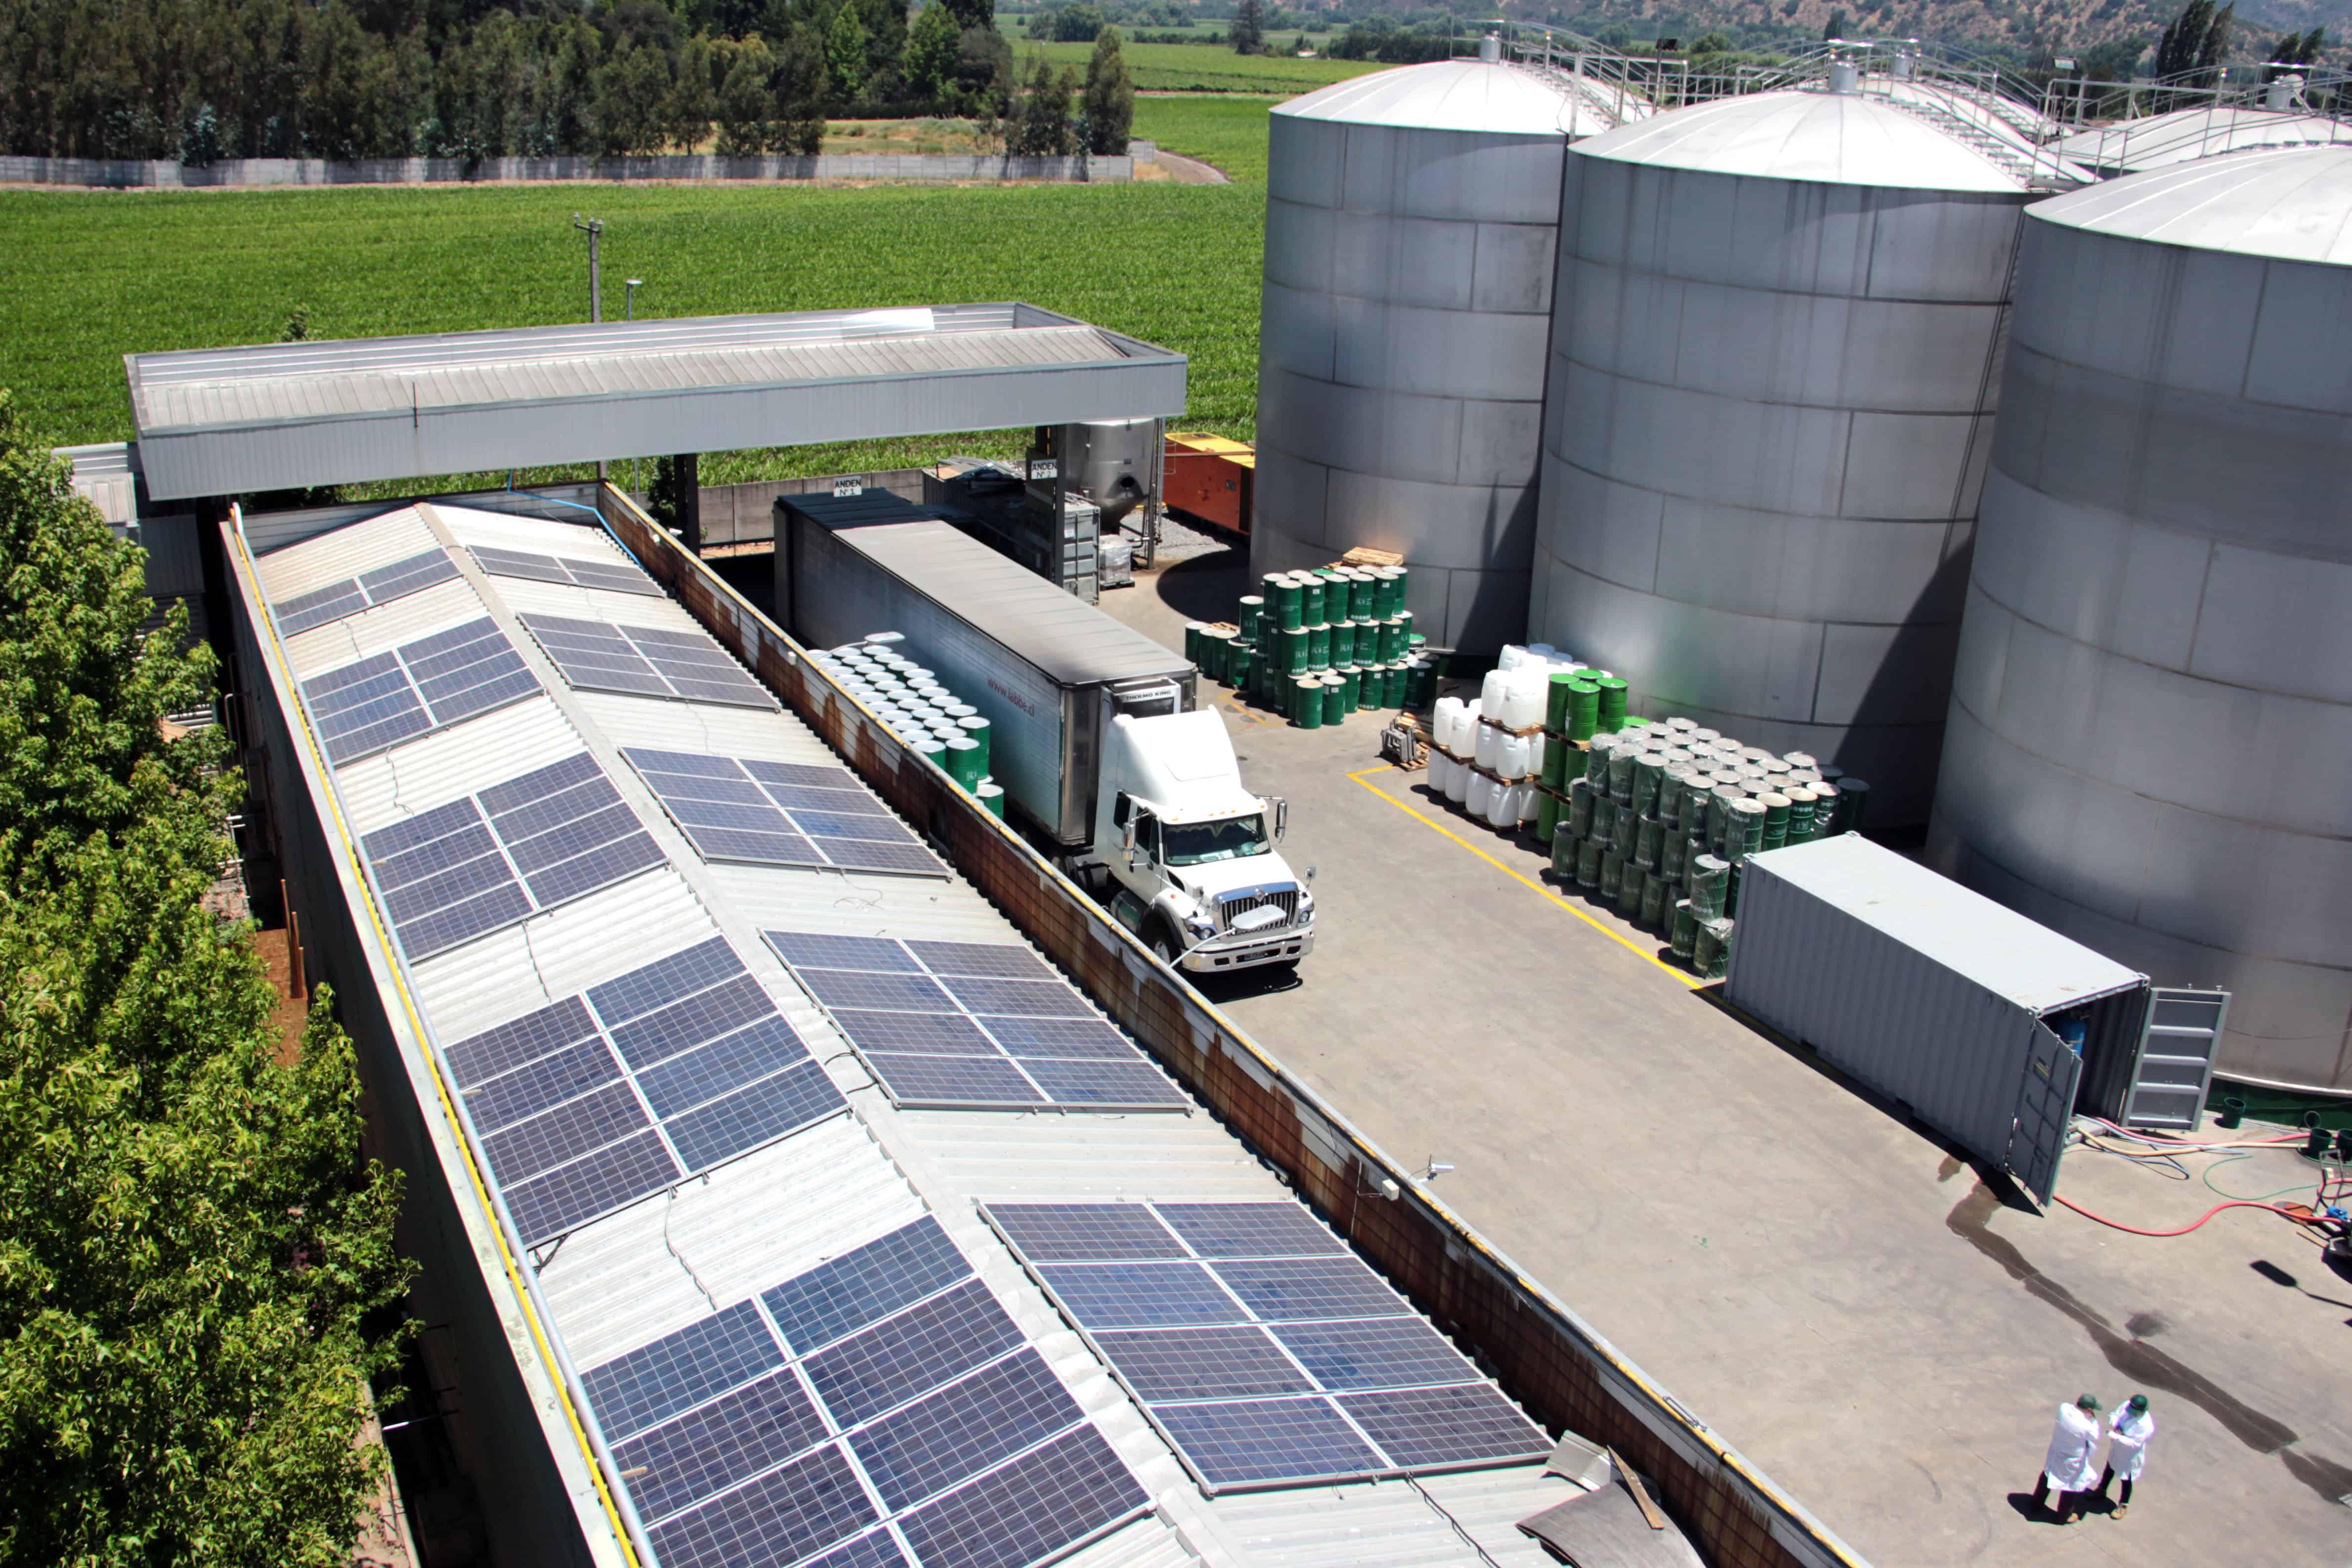 mostos del pacifico cintac solar fotovoltaico